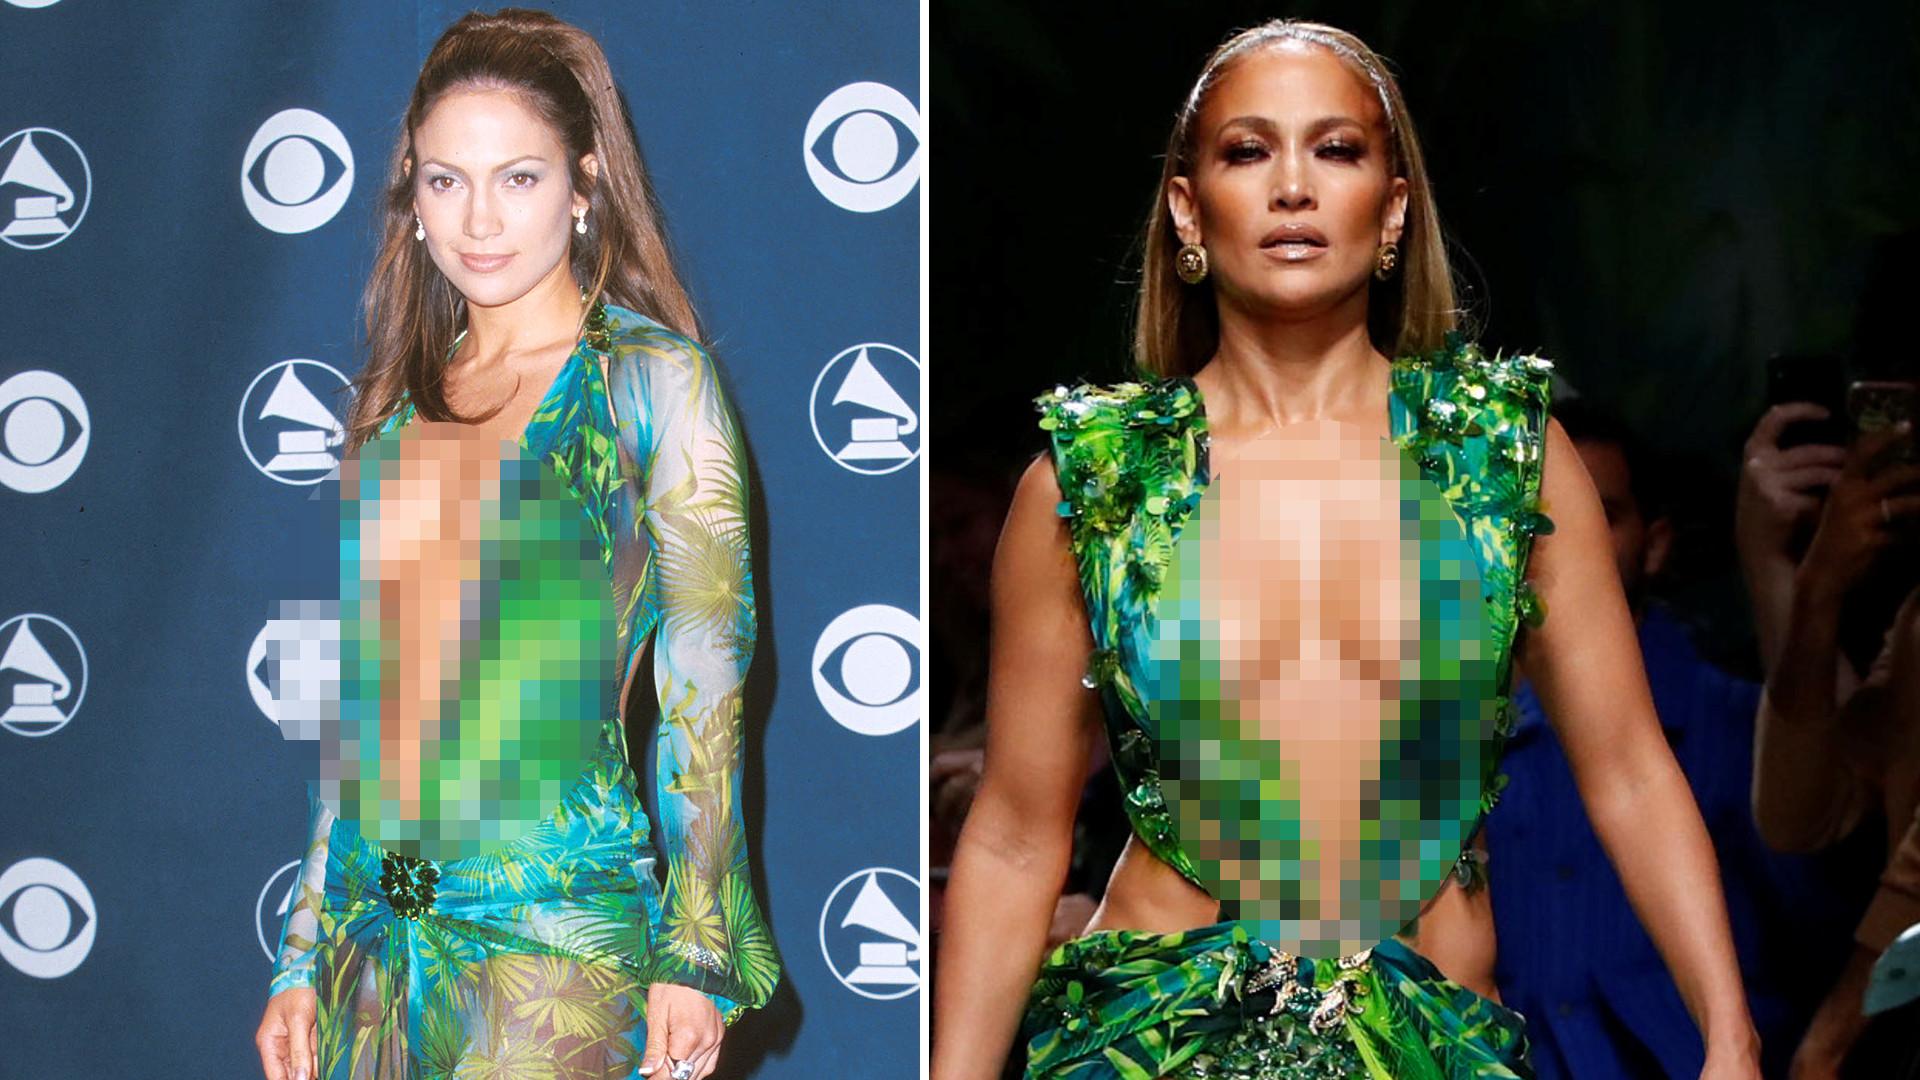 50-letnia Jennifer Lopez 20 lat PÓŹNIEJ wygląda LEPIEJ w słynnej kreacji jungle dress niż jako 30-latka (ZDJĘCIA)